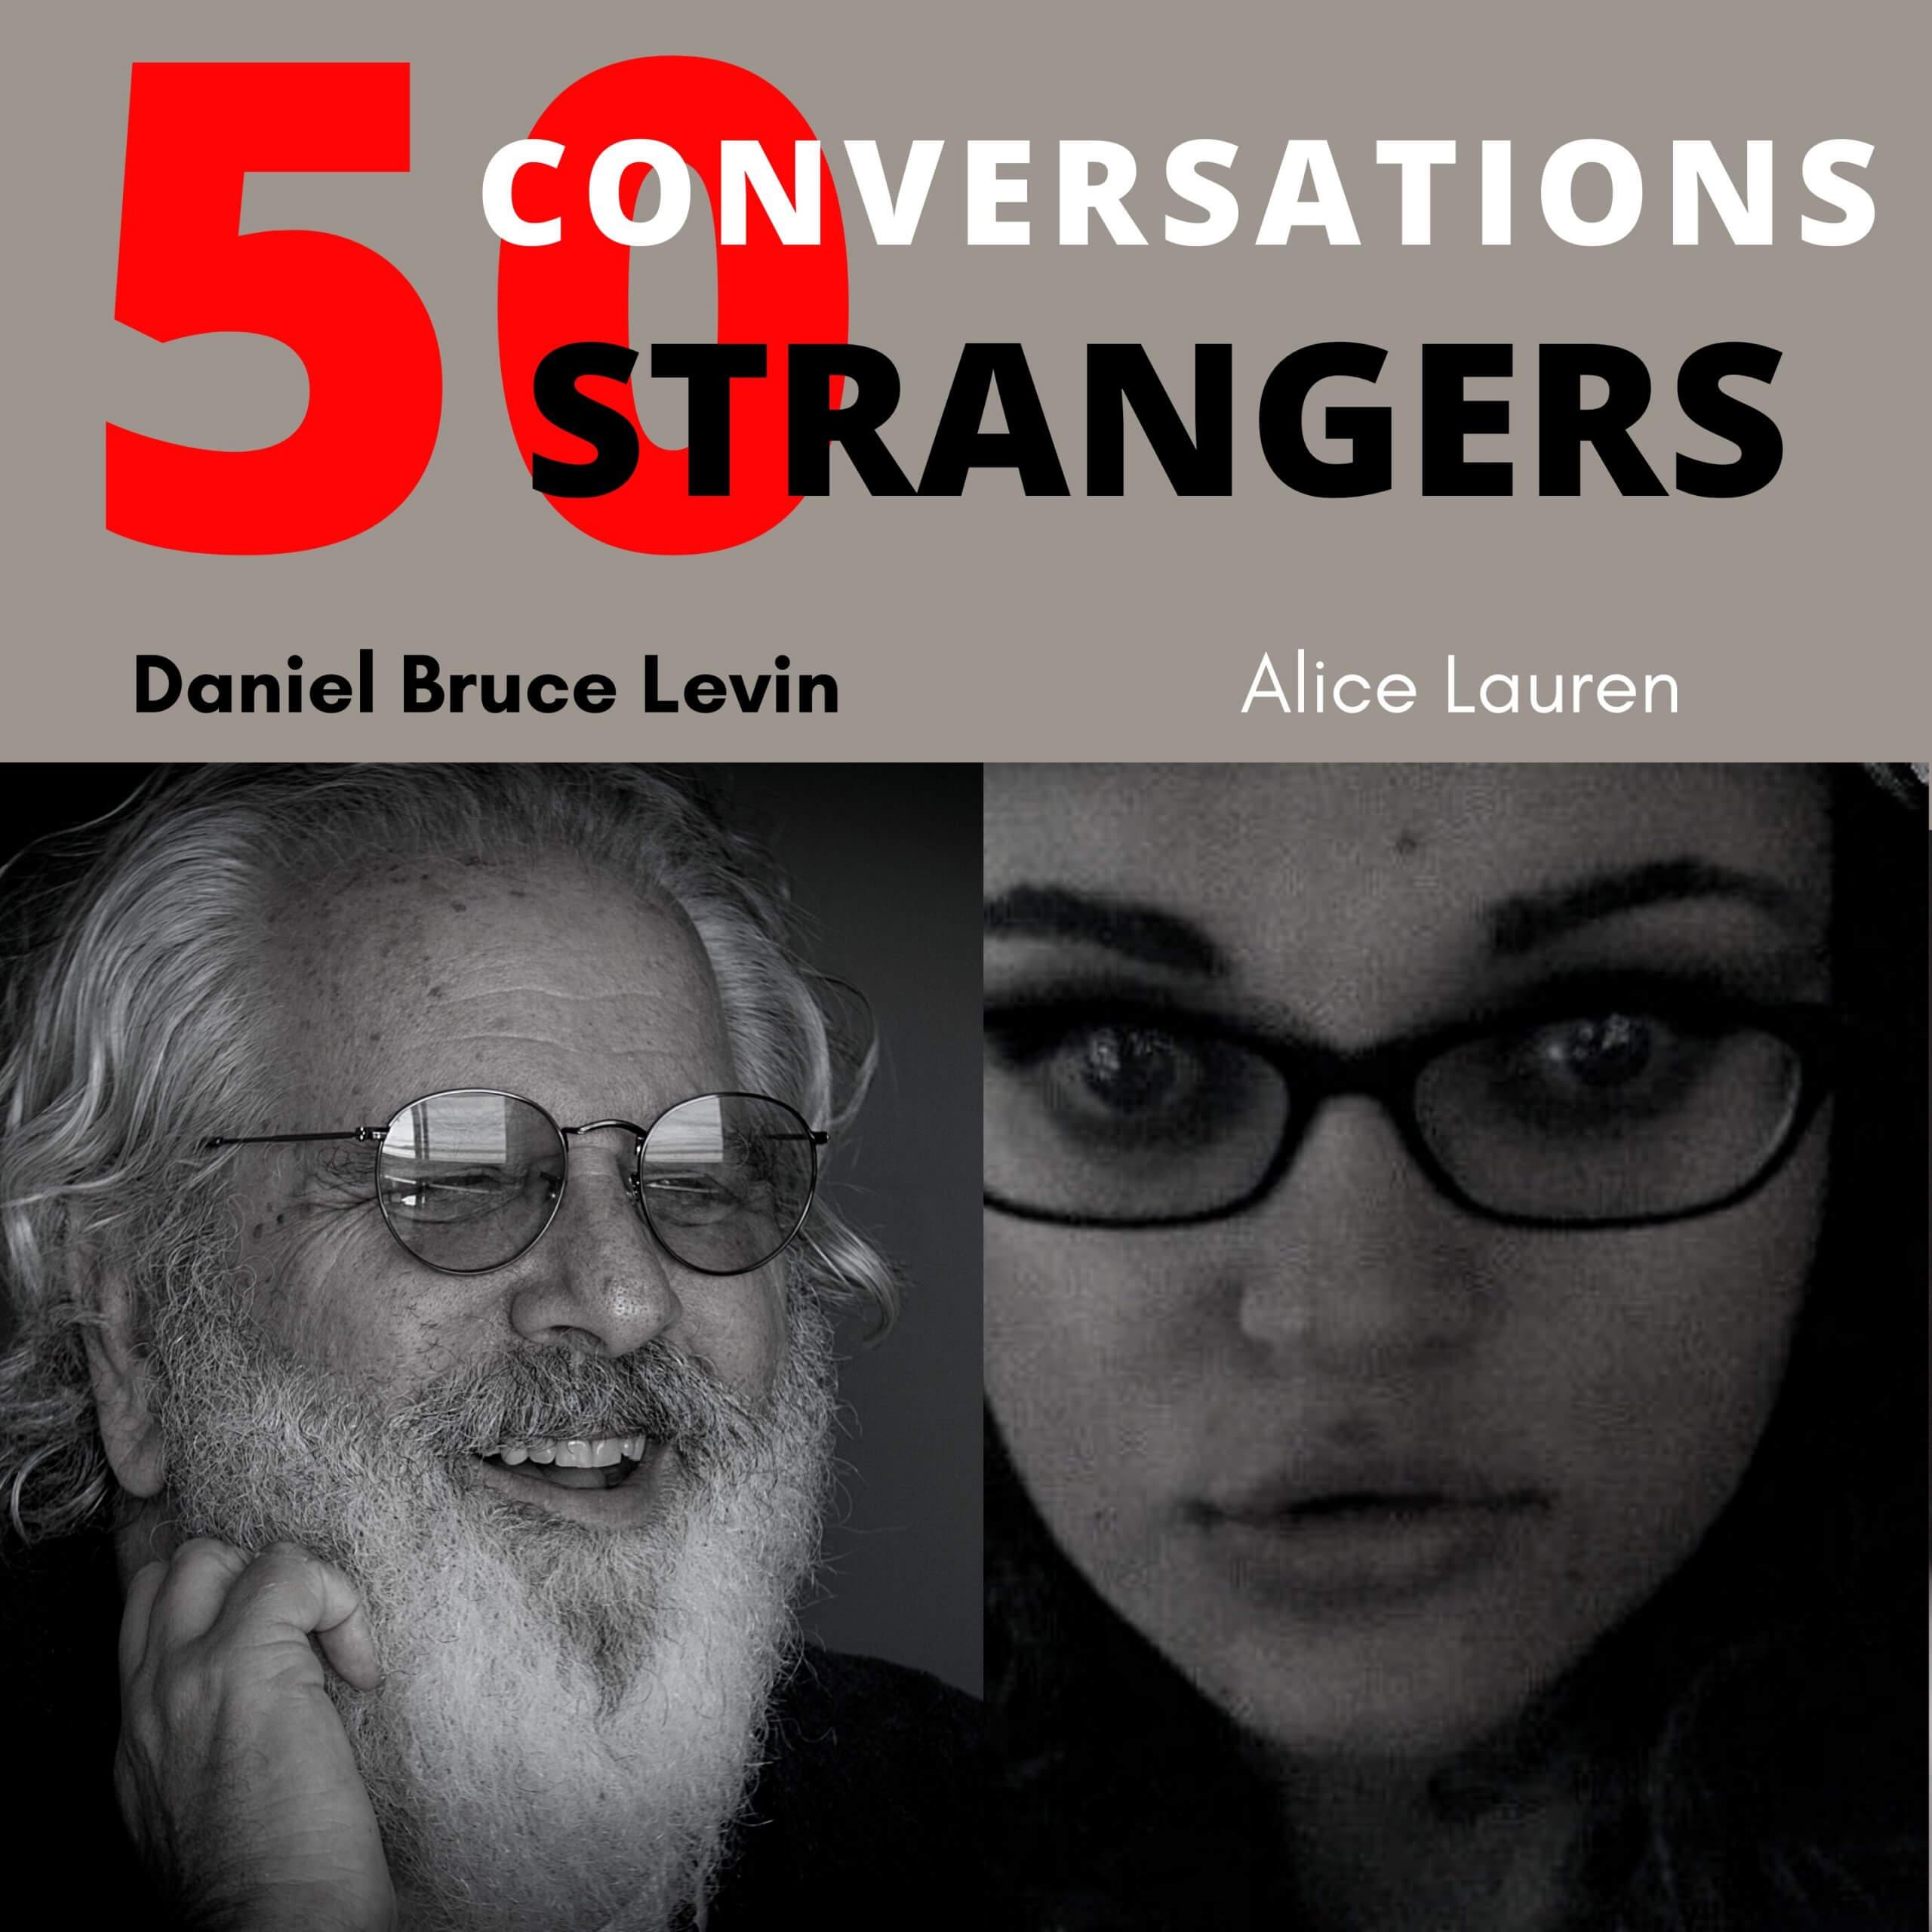 50 Conversations with 50 Strangers with Alice Lauren